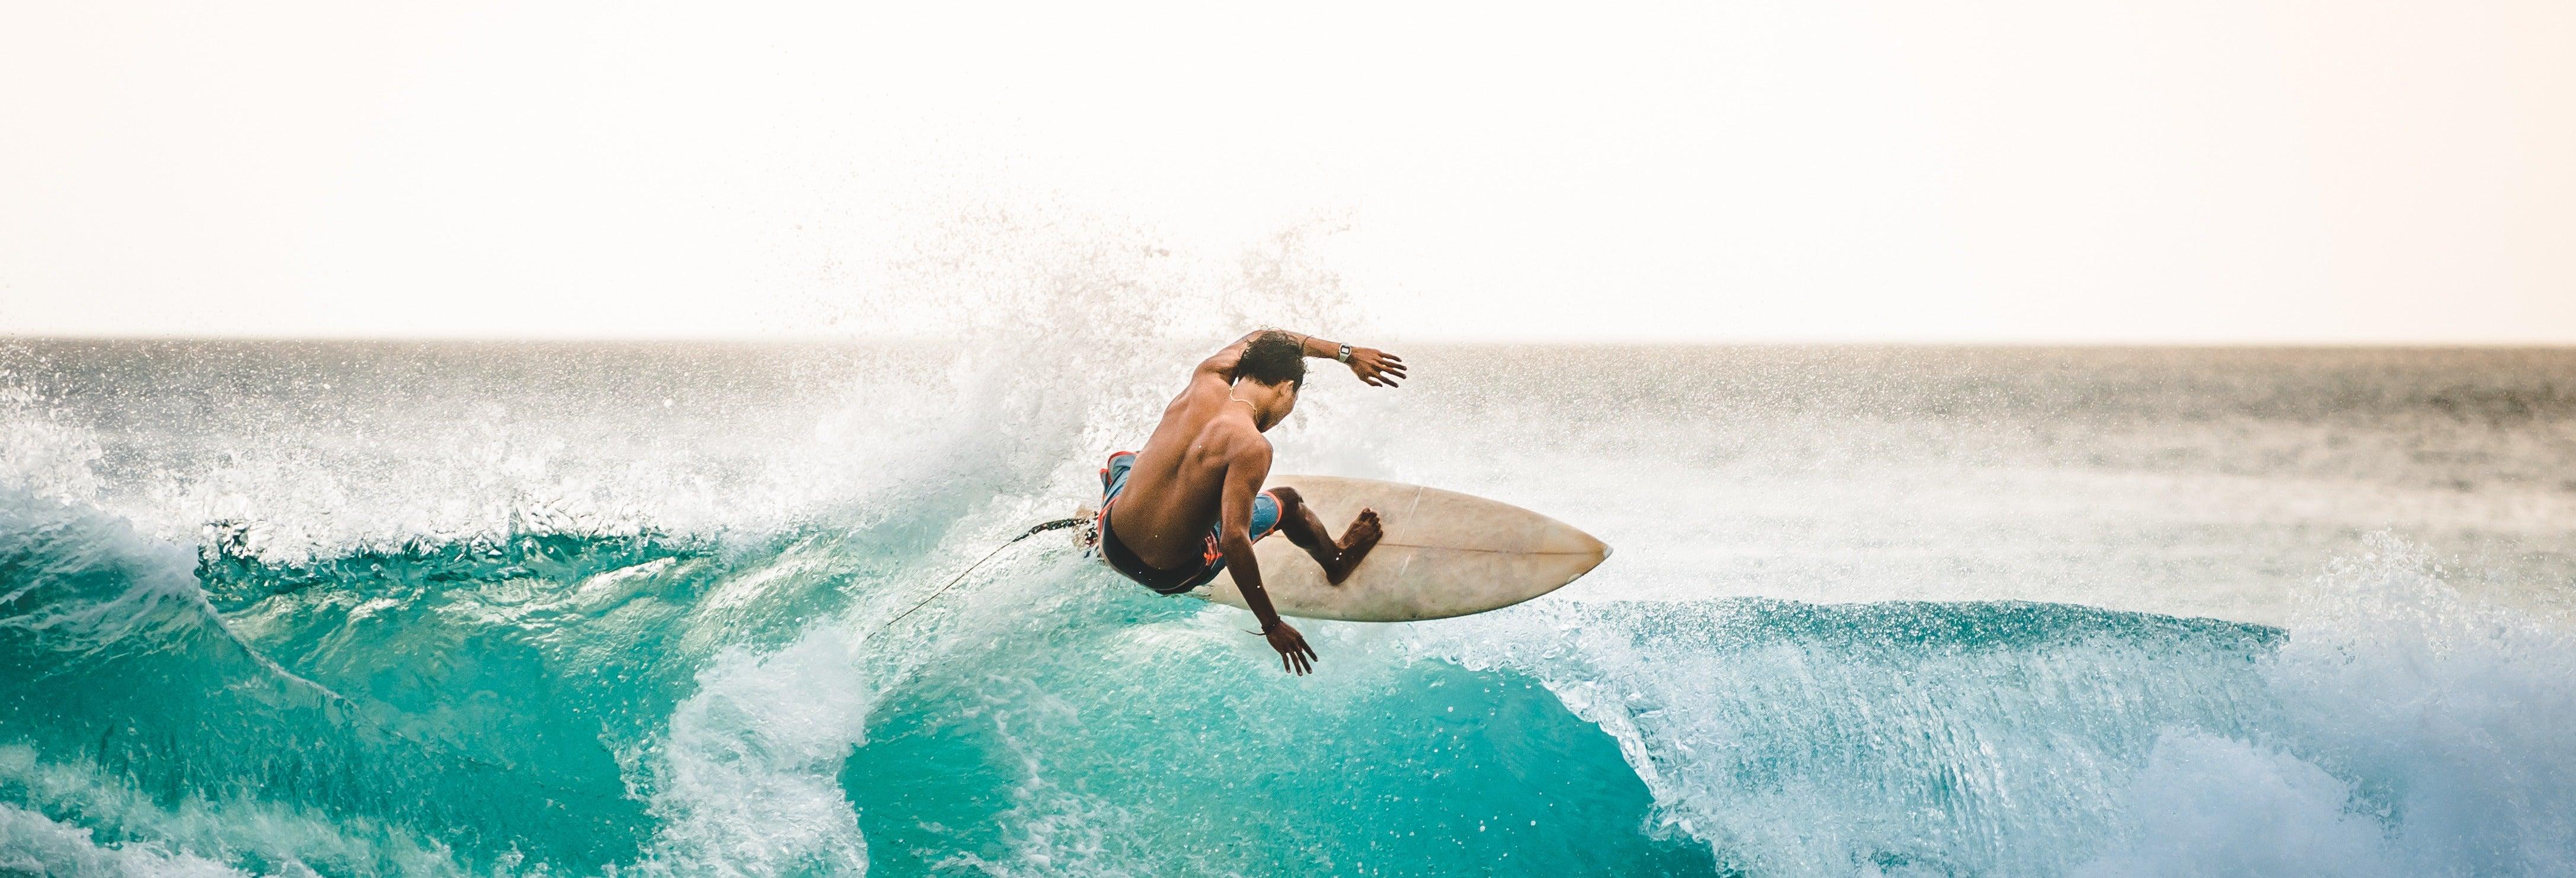 Curso de surfe em Torres Vedras